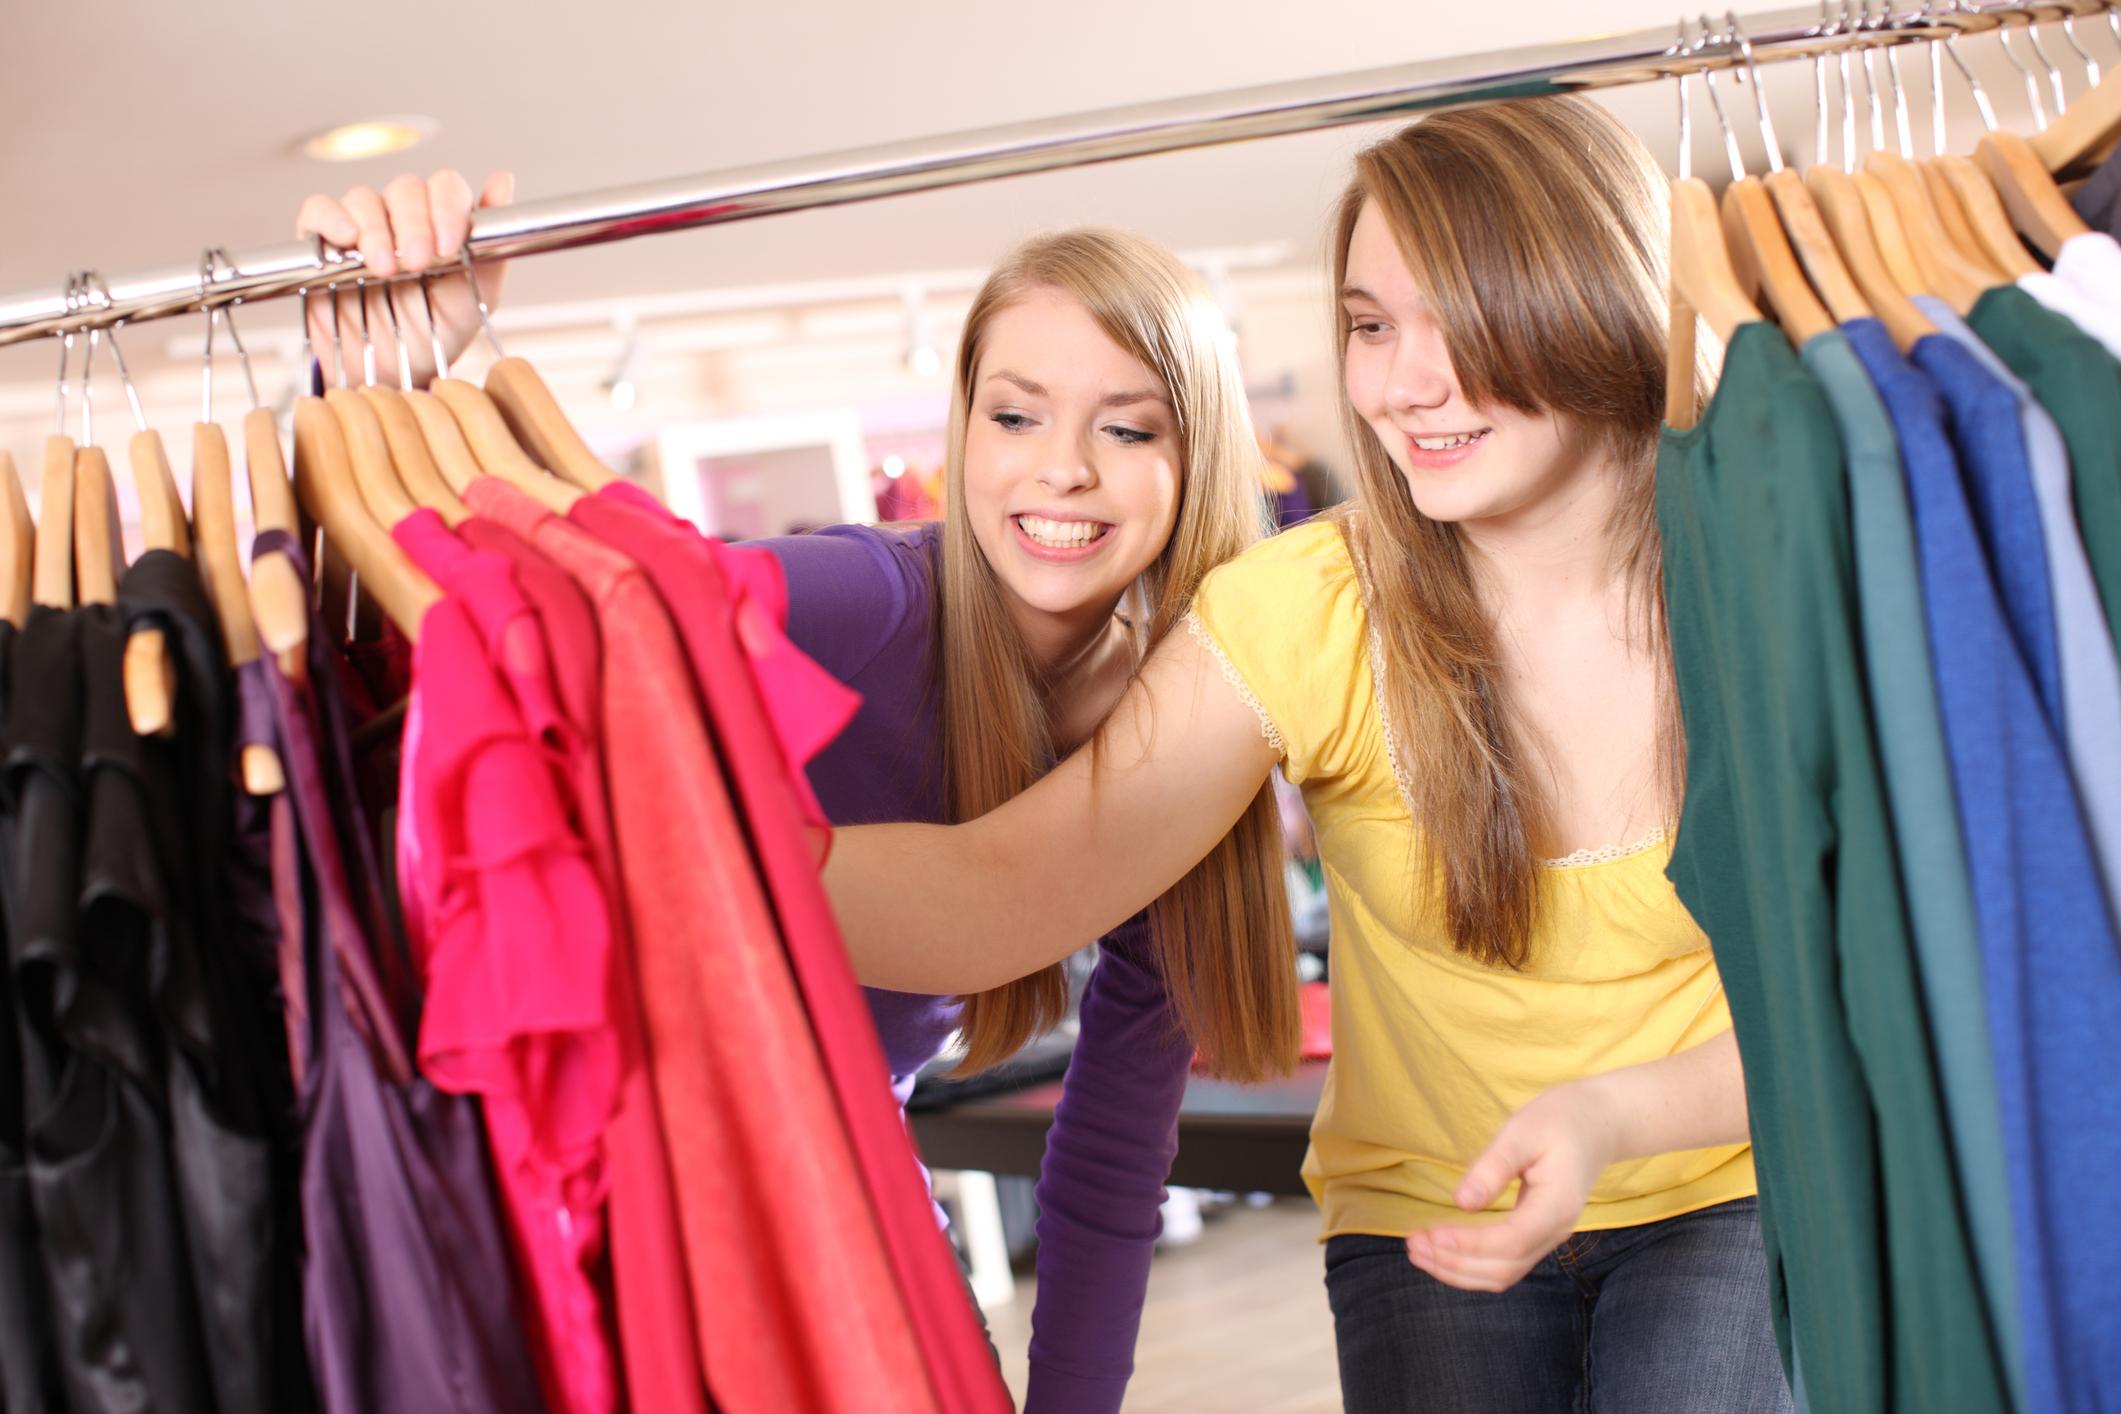 Two teenage women go through clothing.